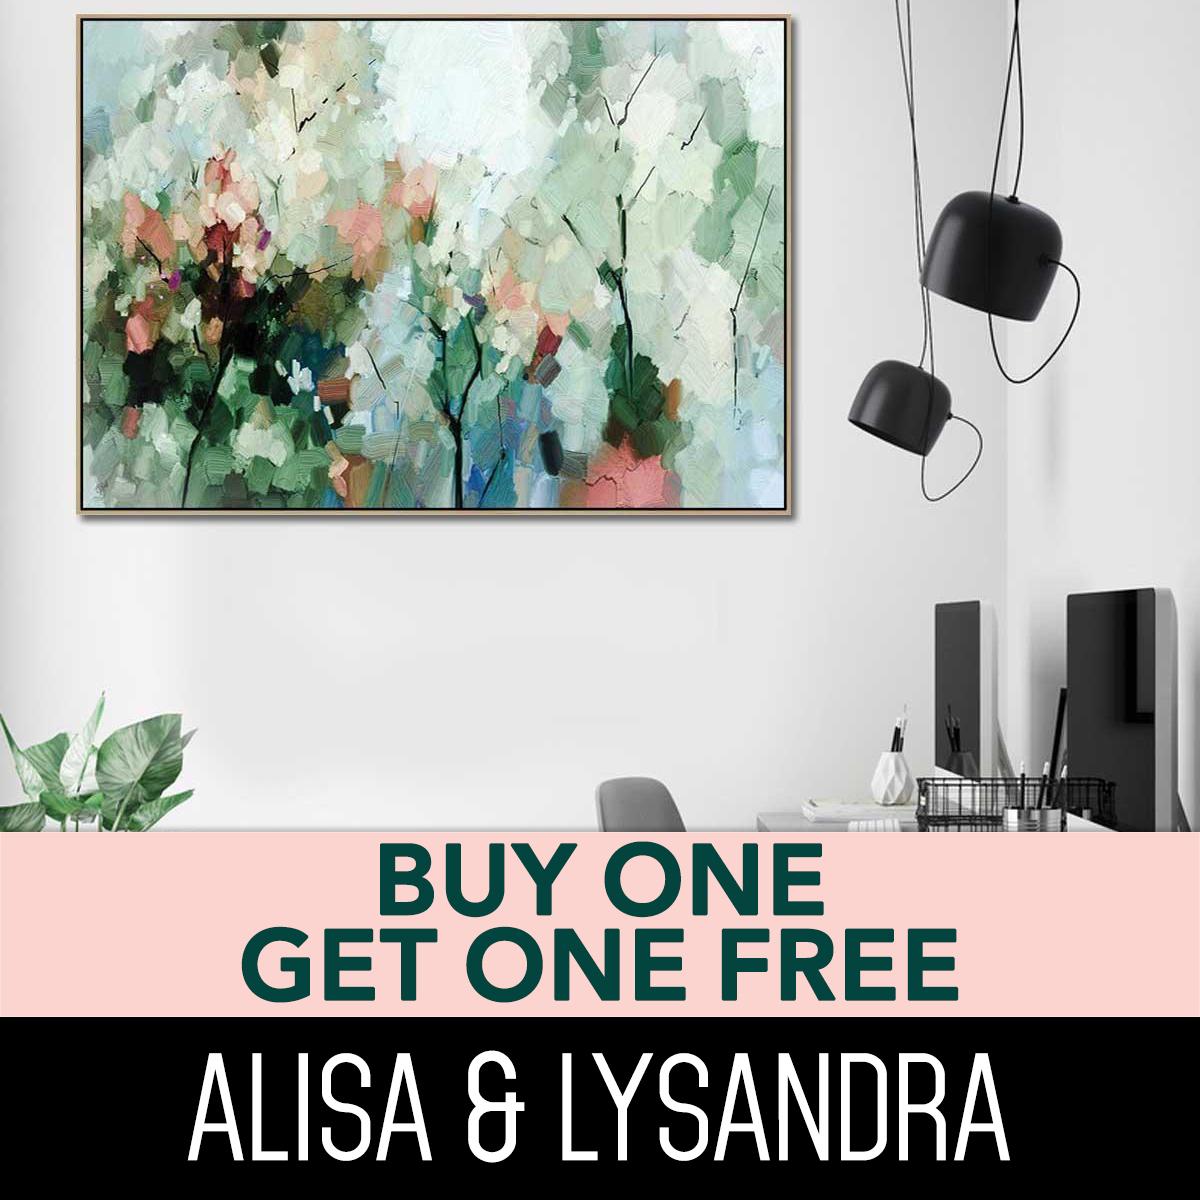 Alisa & Lysandra